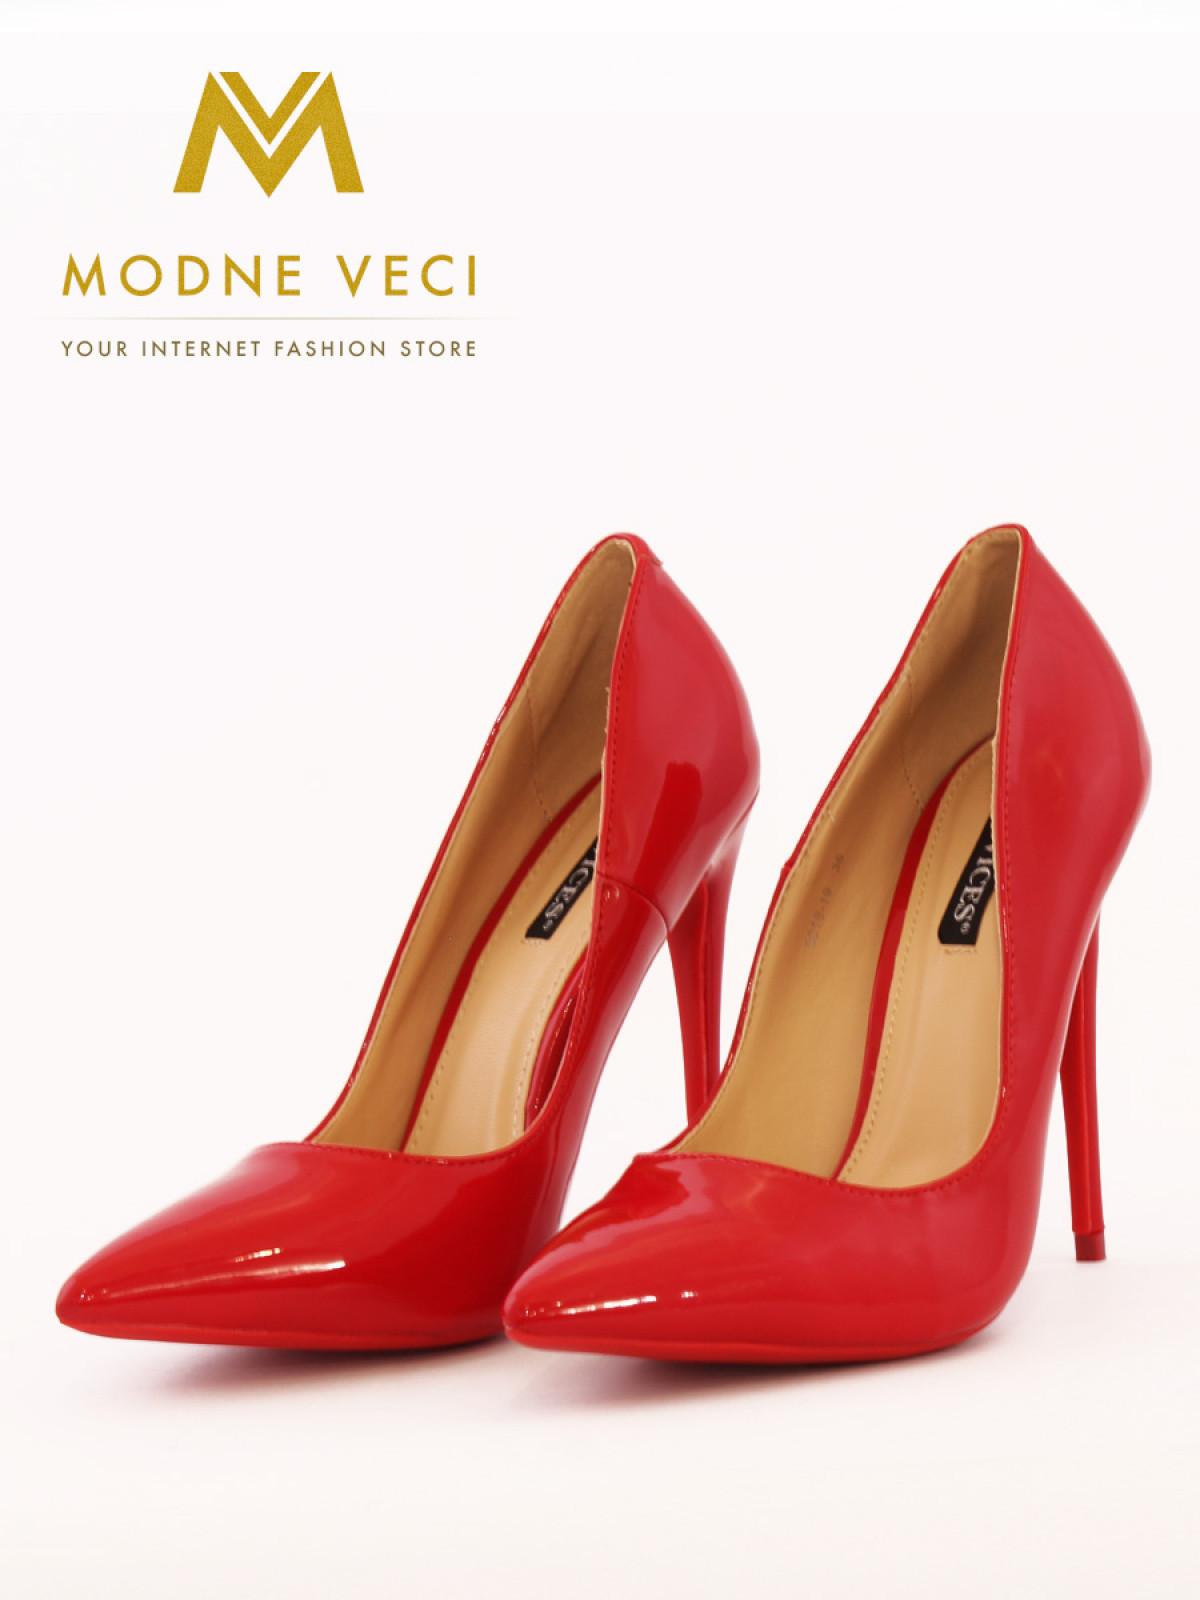 0cb905b10b713 luxusne, dámske, lodicky, cervene, leskle, vysoke, ihlicky, pohodlne,